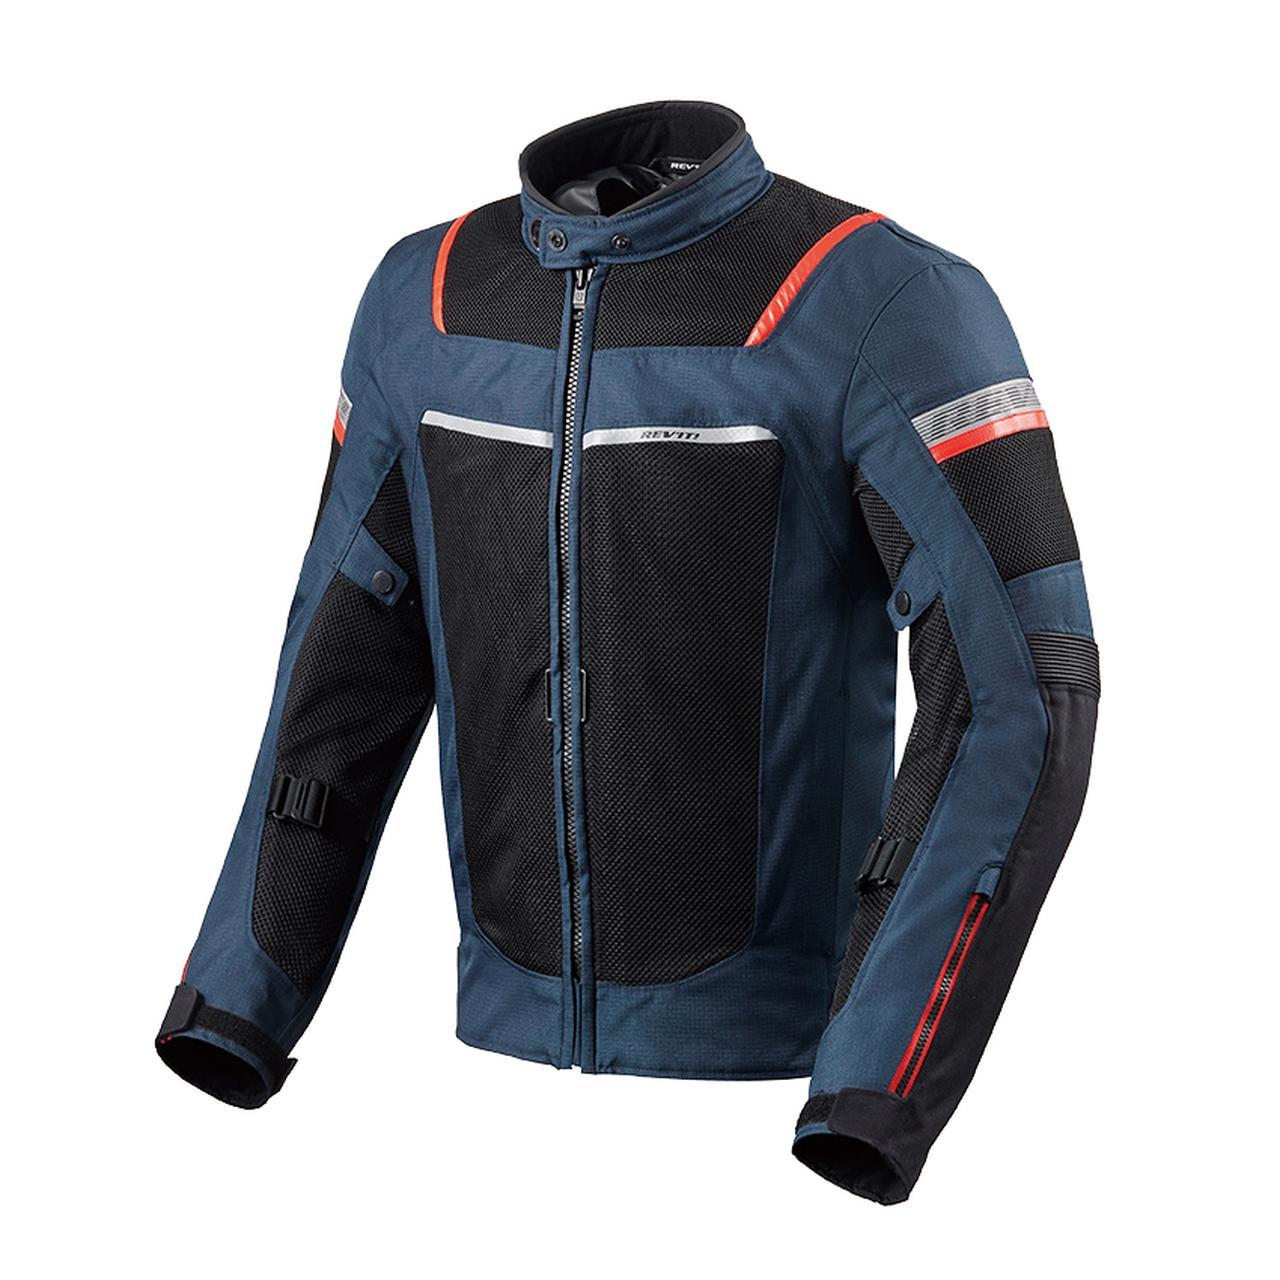 画像8: 丈夫で高品質なメッシュジャケットをお探しなら「レブイット」もあり! 2020年夏向けの新製品を3着紹介します!